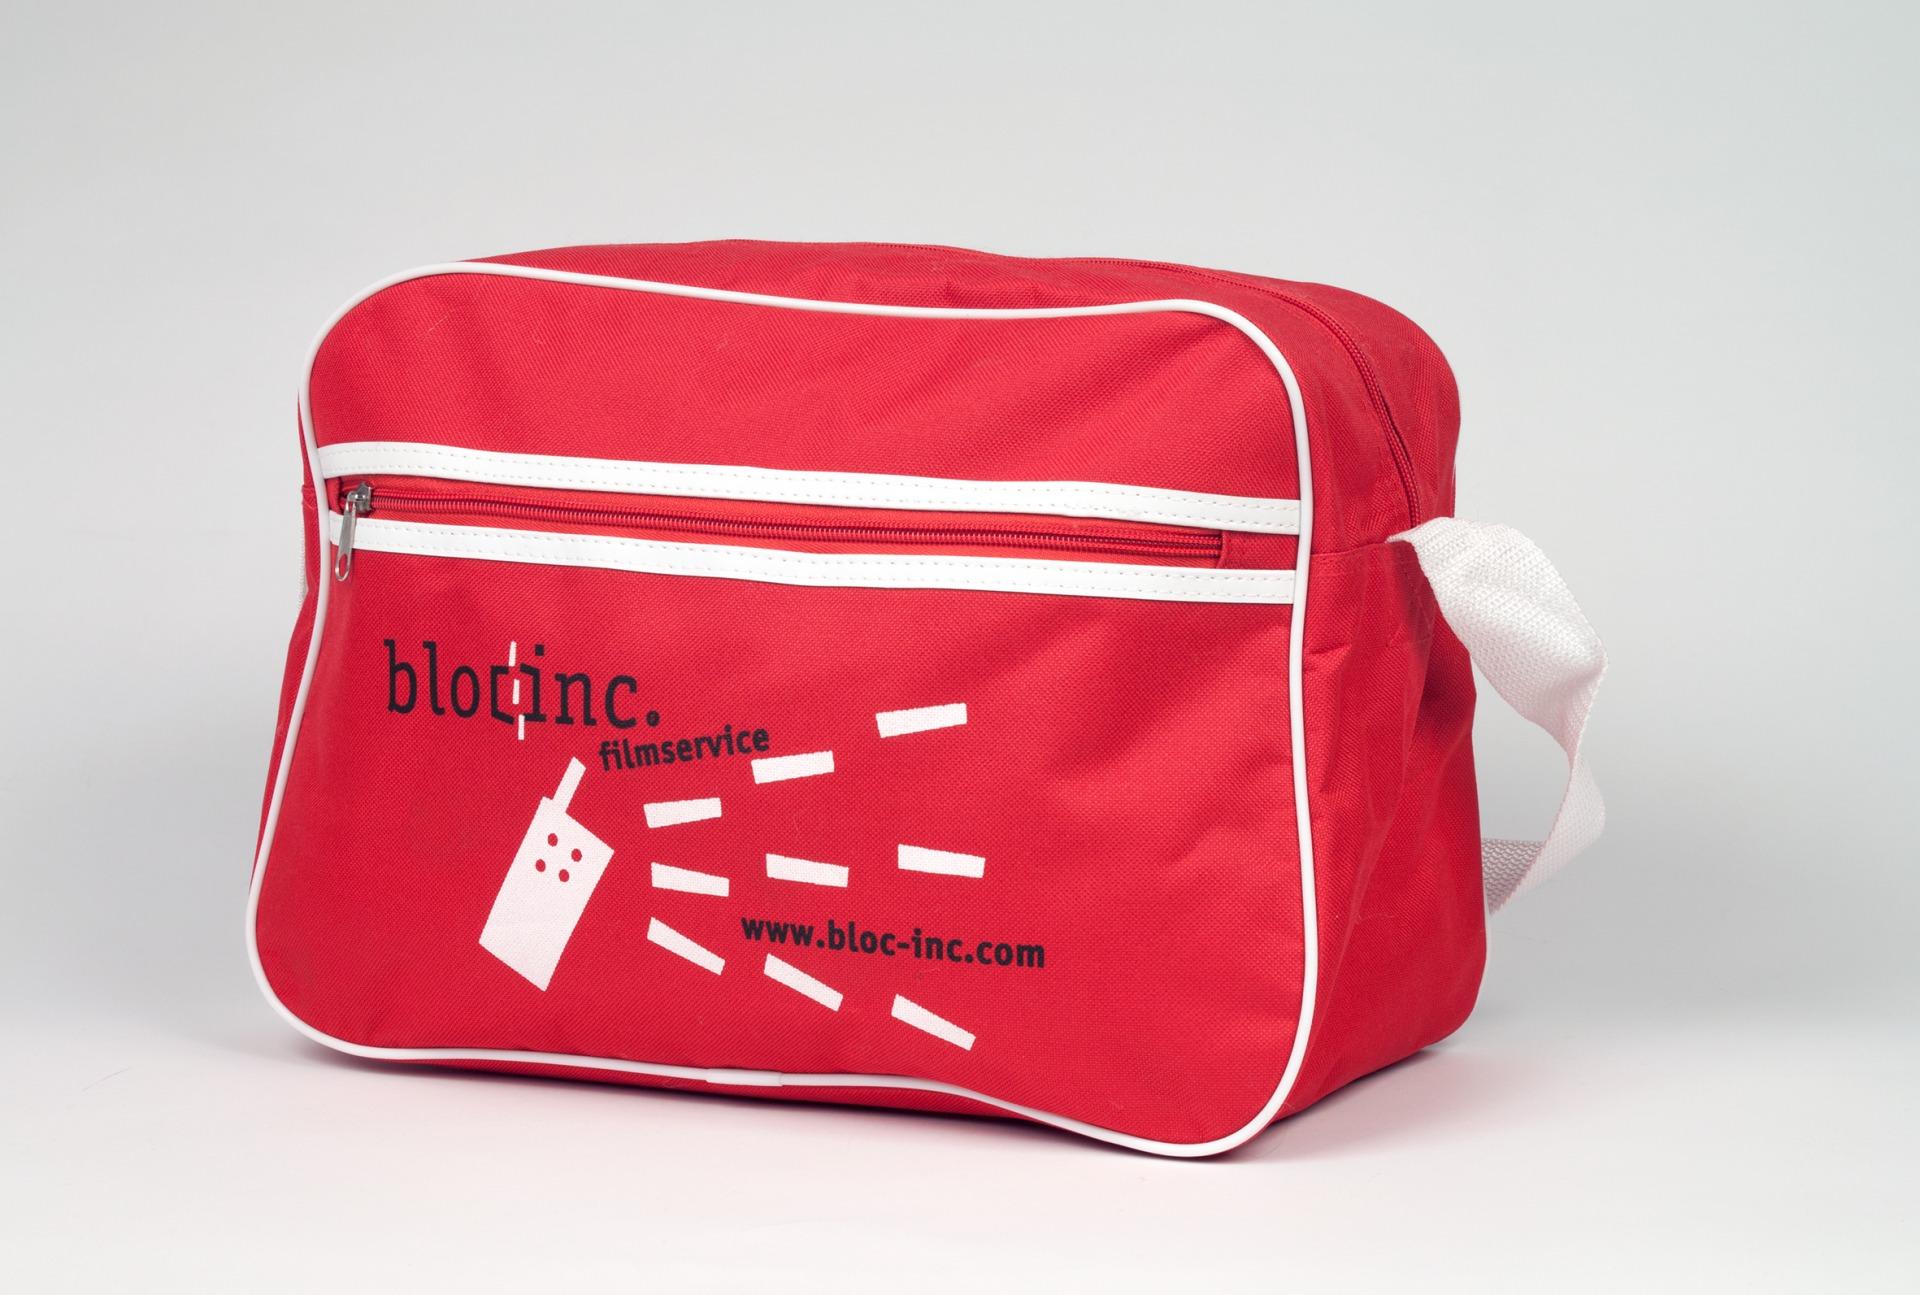 Bedruckte Tasche im Corporate Design des Unternehmens - Typoly